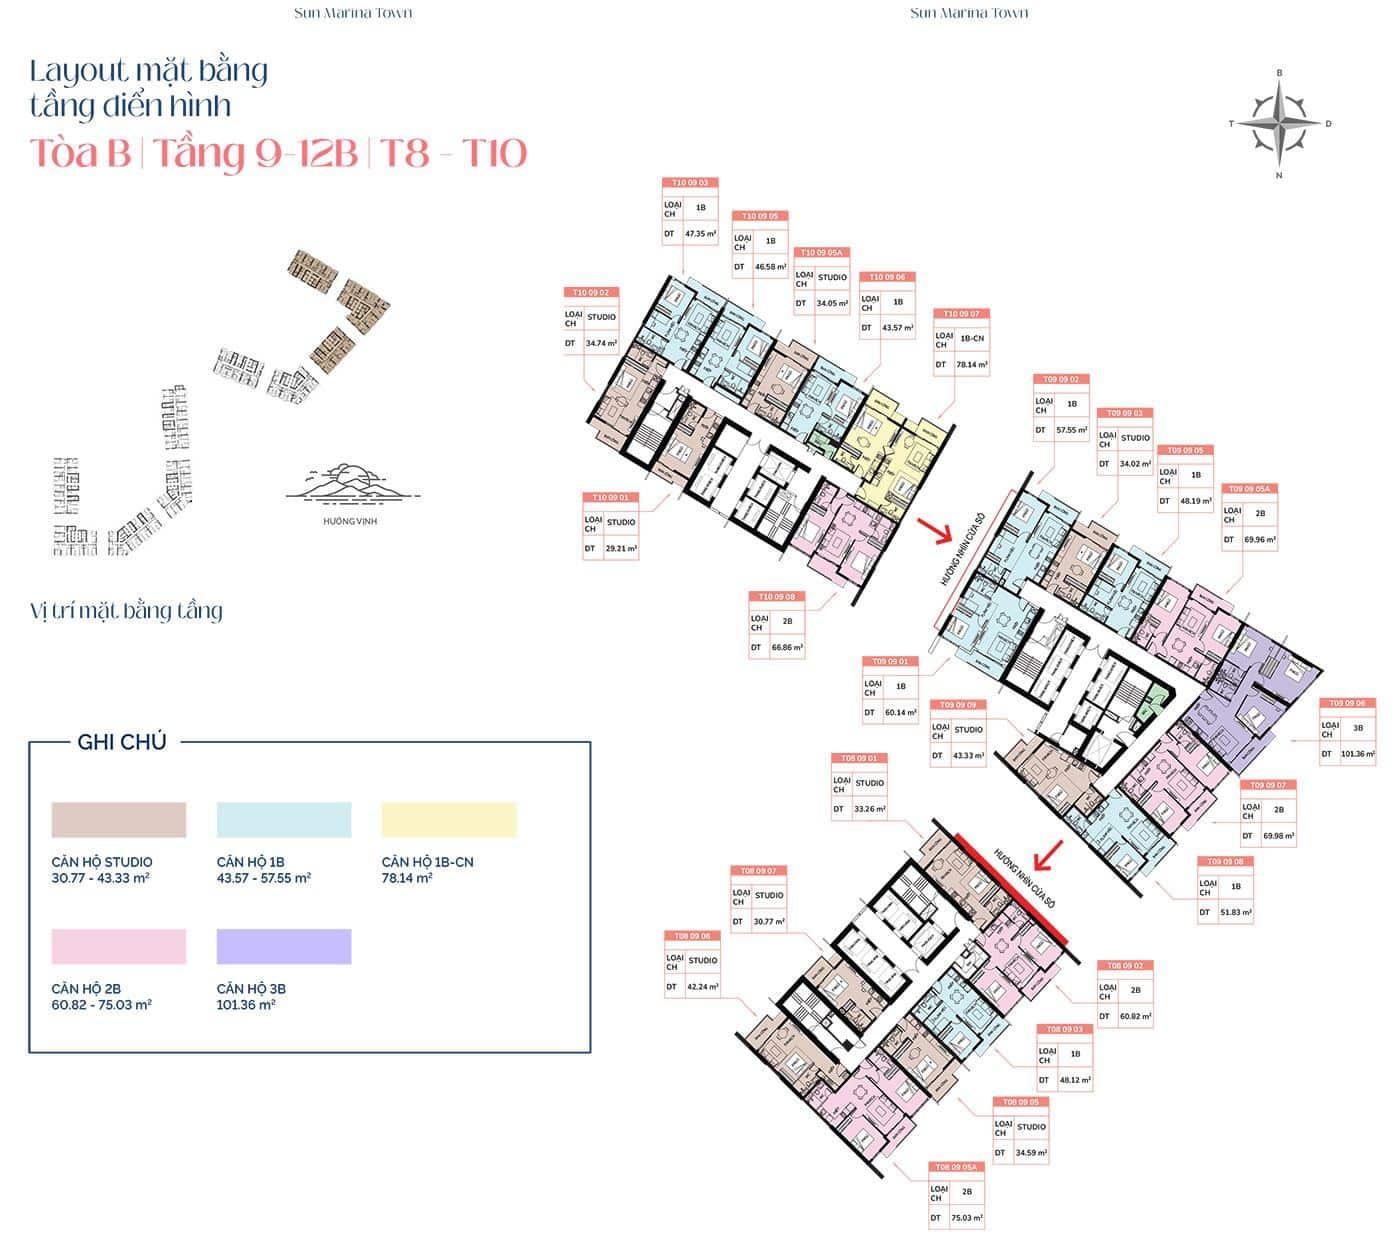 Mặt bằng tầng điển hình tòa B, từ tầng 9 đến tầng 12B, T8 và T10.